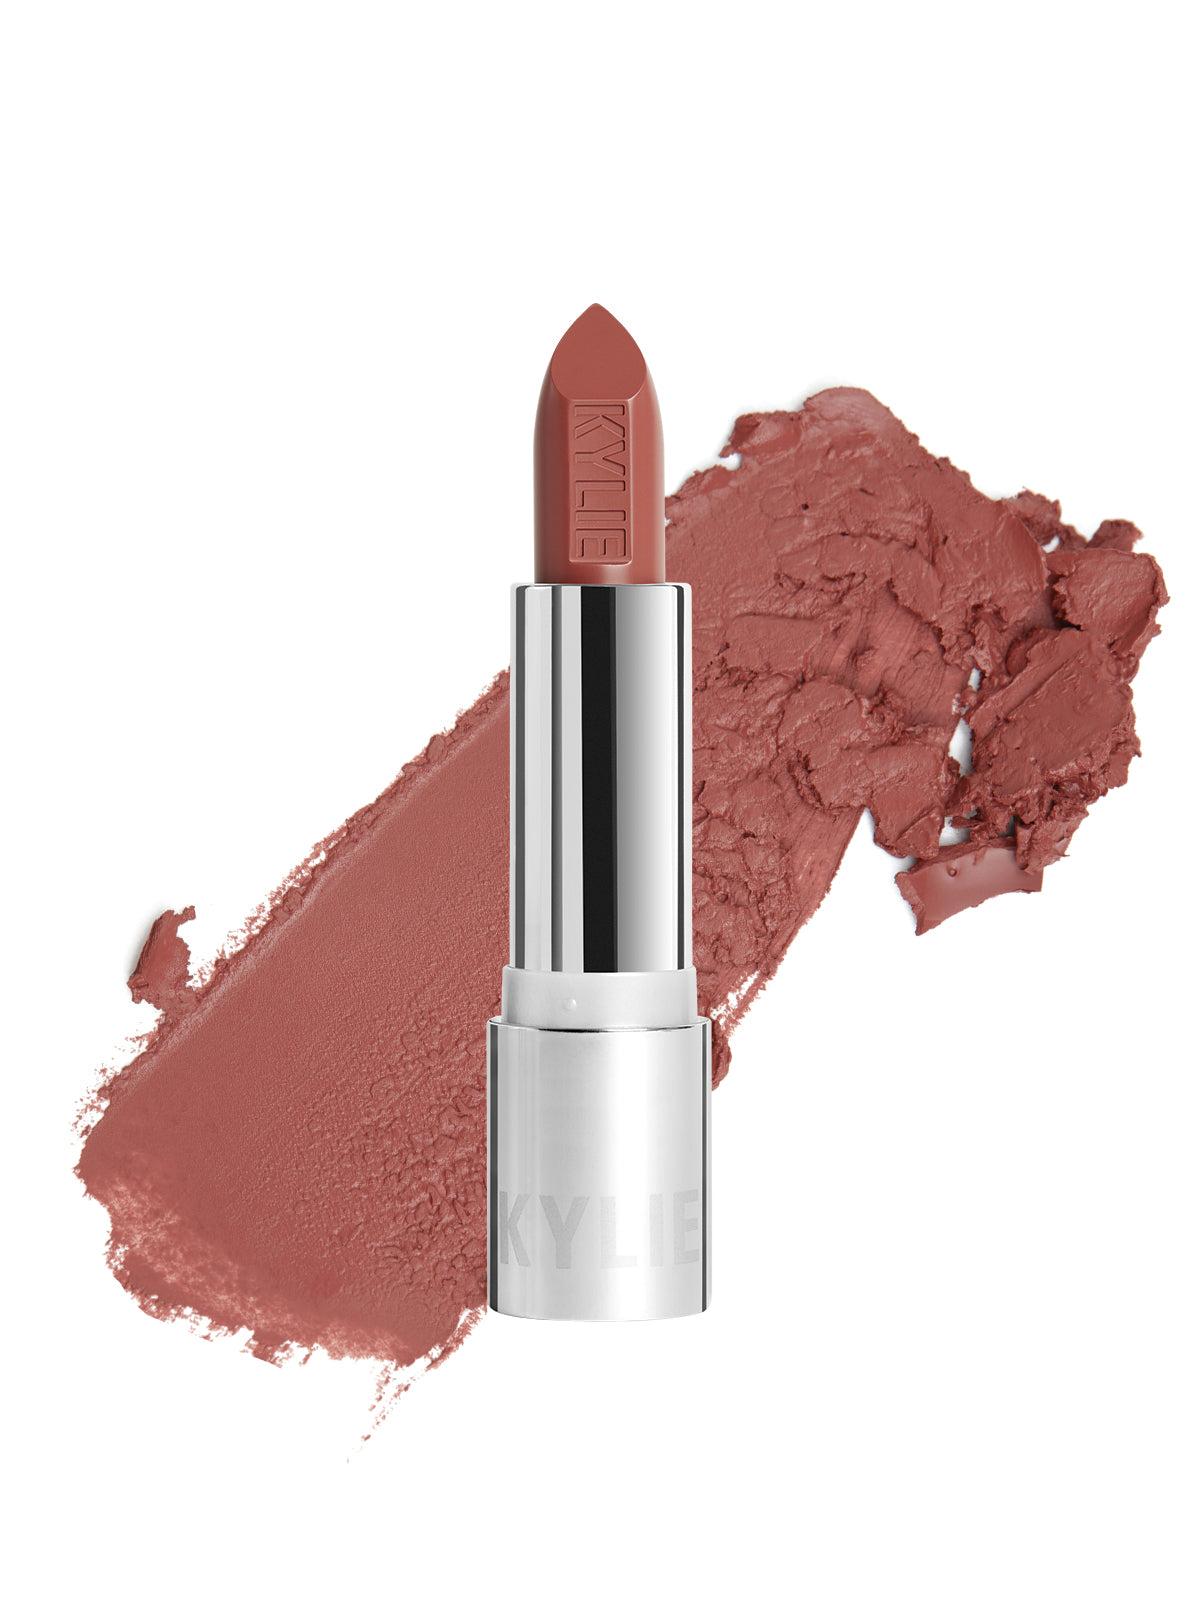 www.kyliecosmetics.com - Truffle | Crème Lipstick